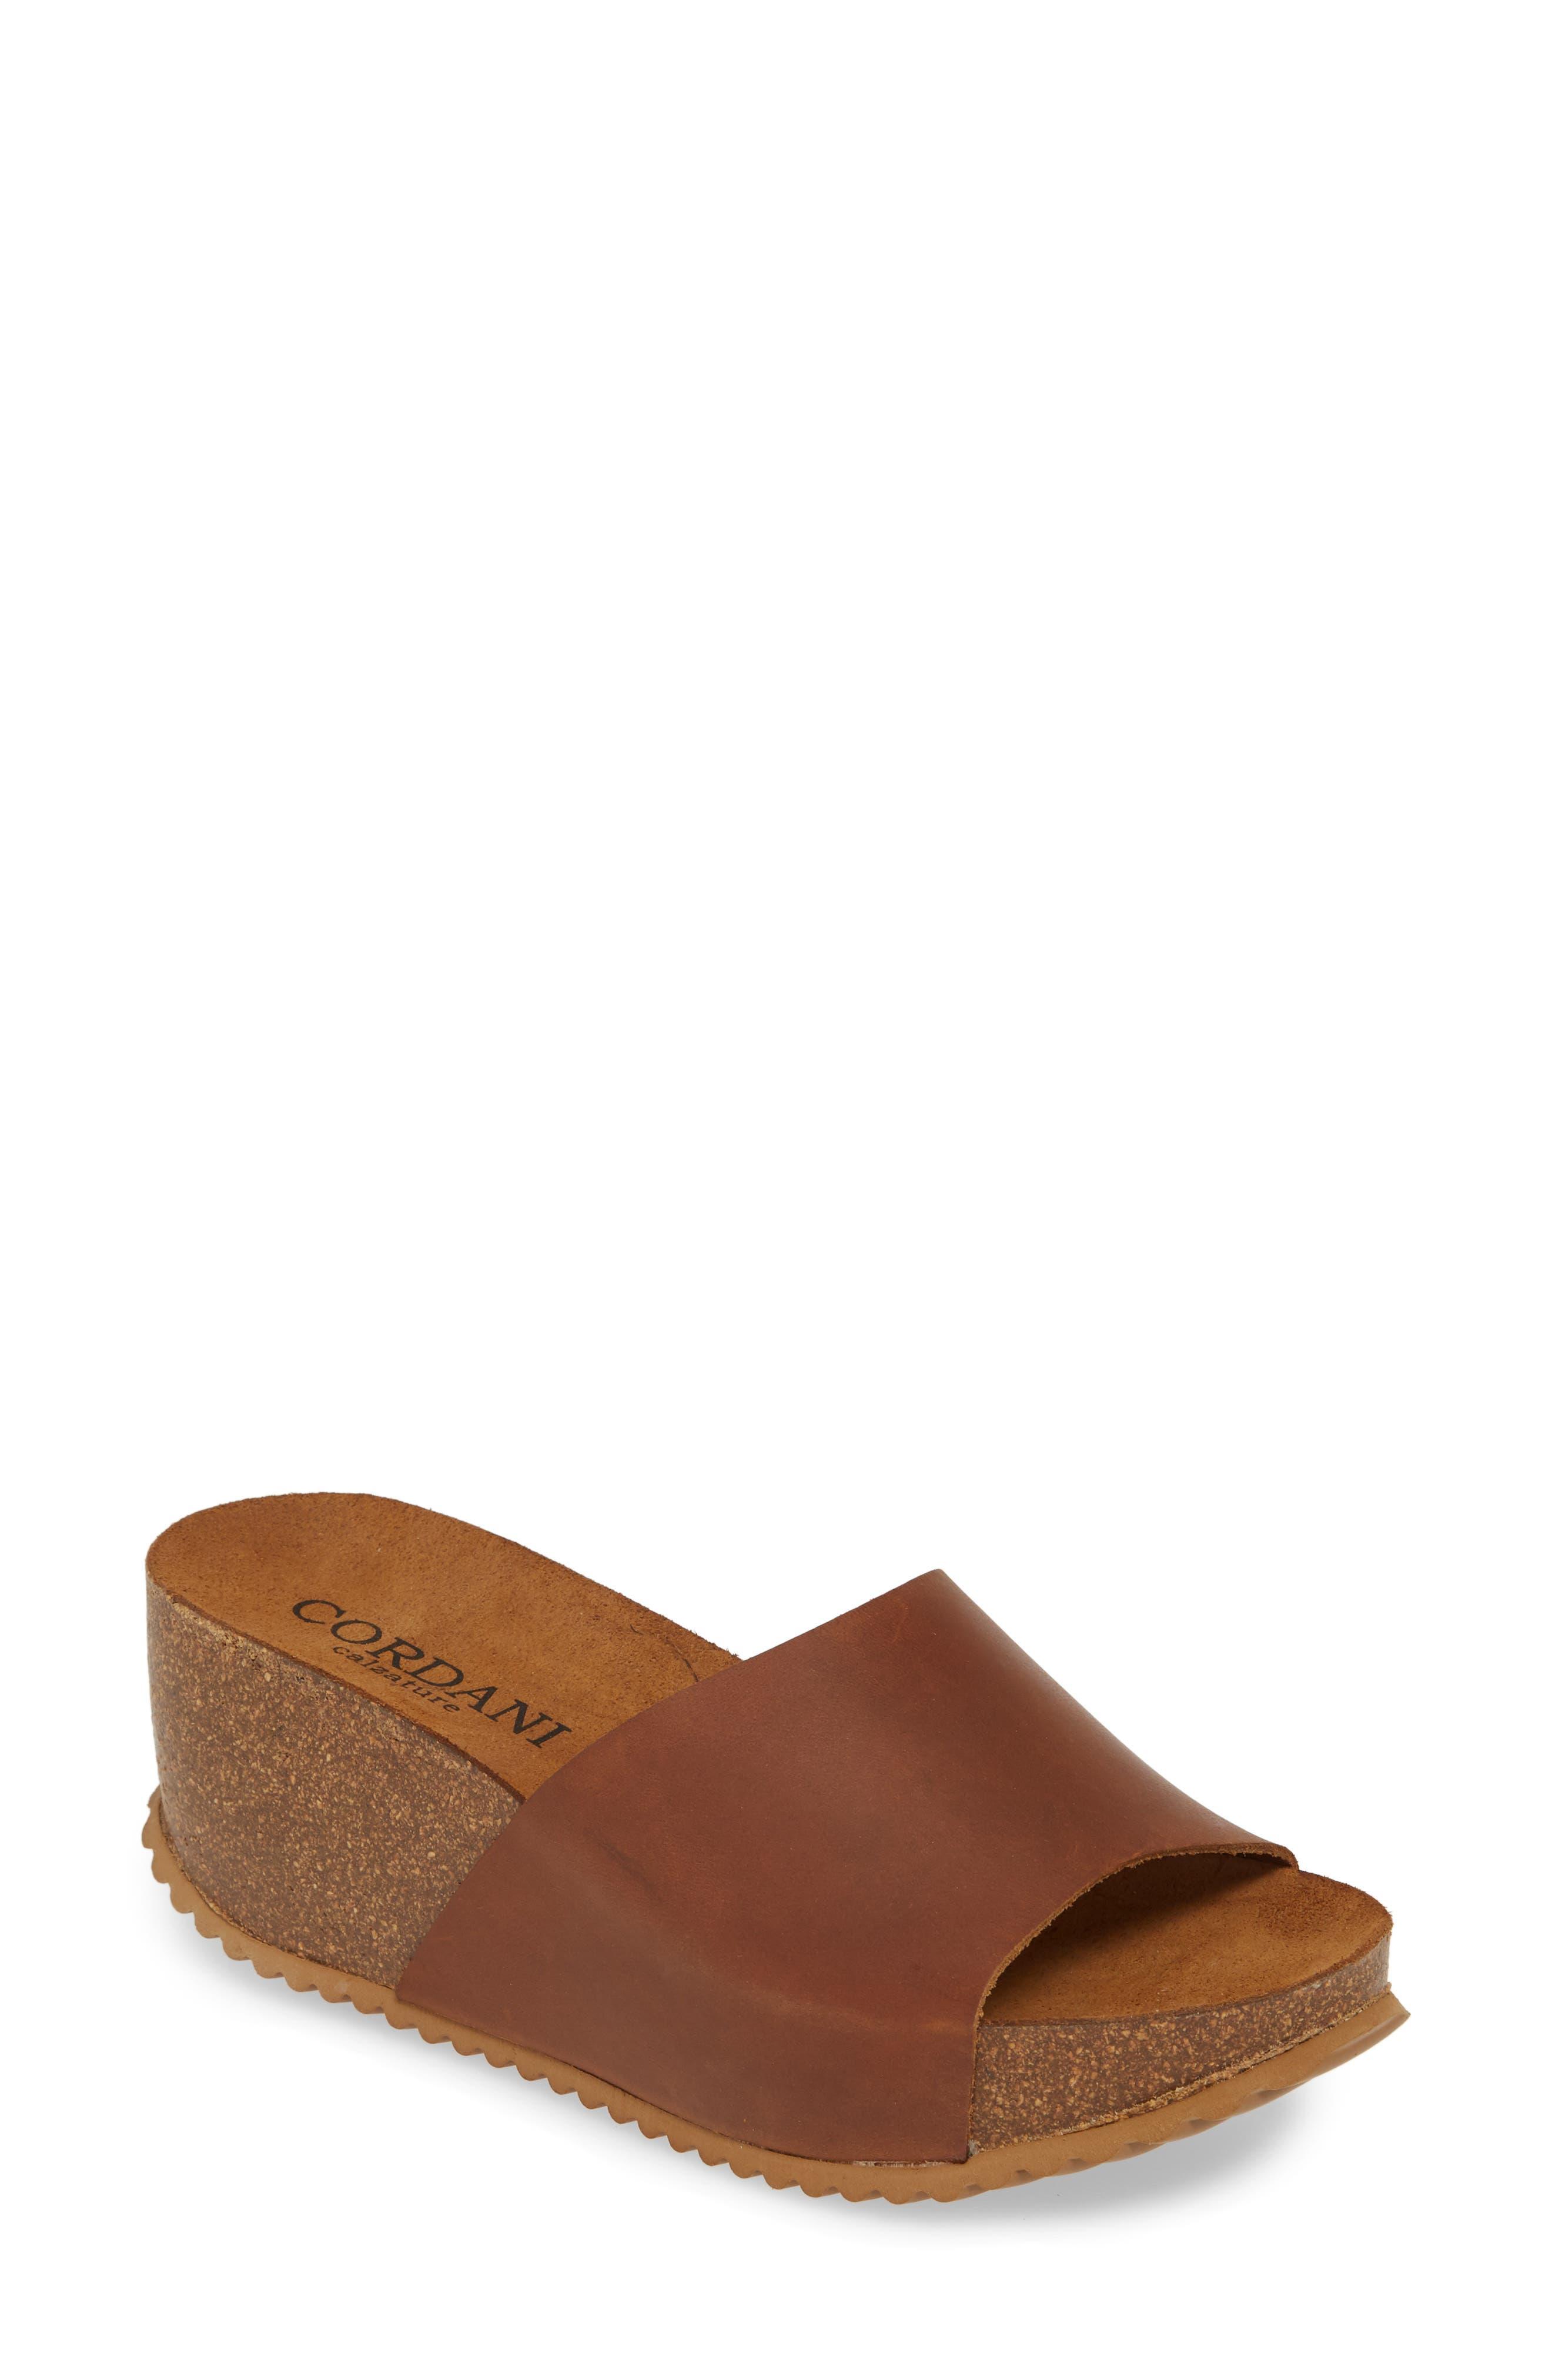 Cordani Margie Wedge Slide Sandal - Brown